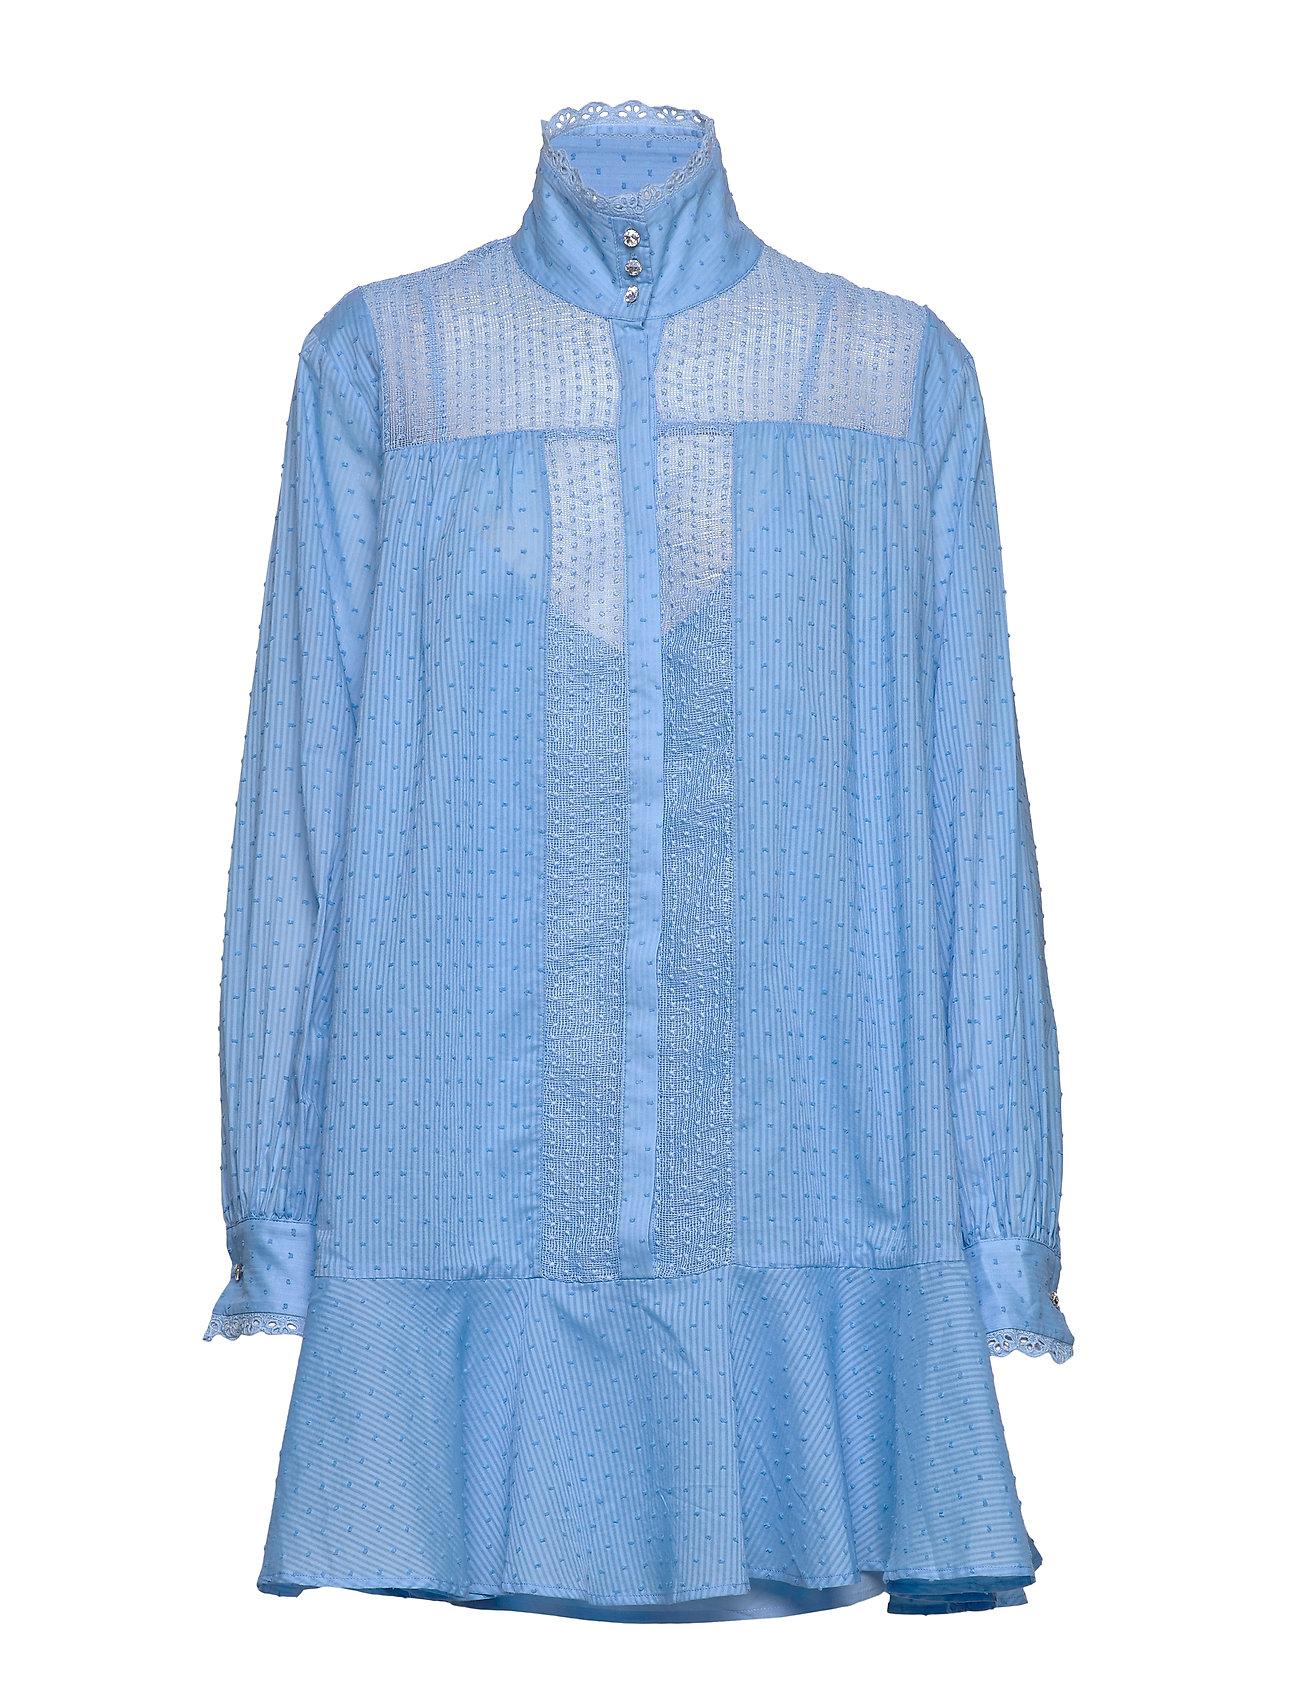 Custommade Elorie - LITTLE BOY BLUE